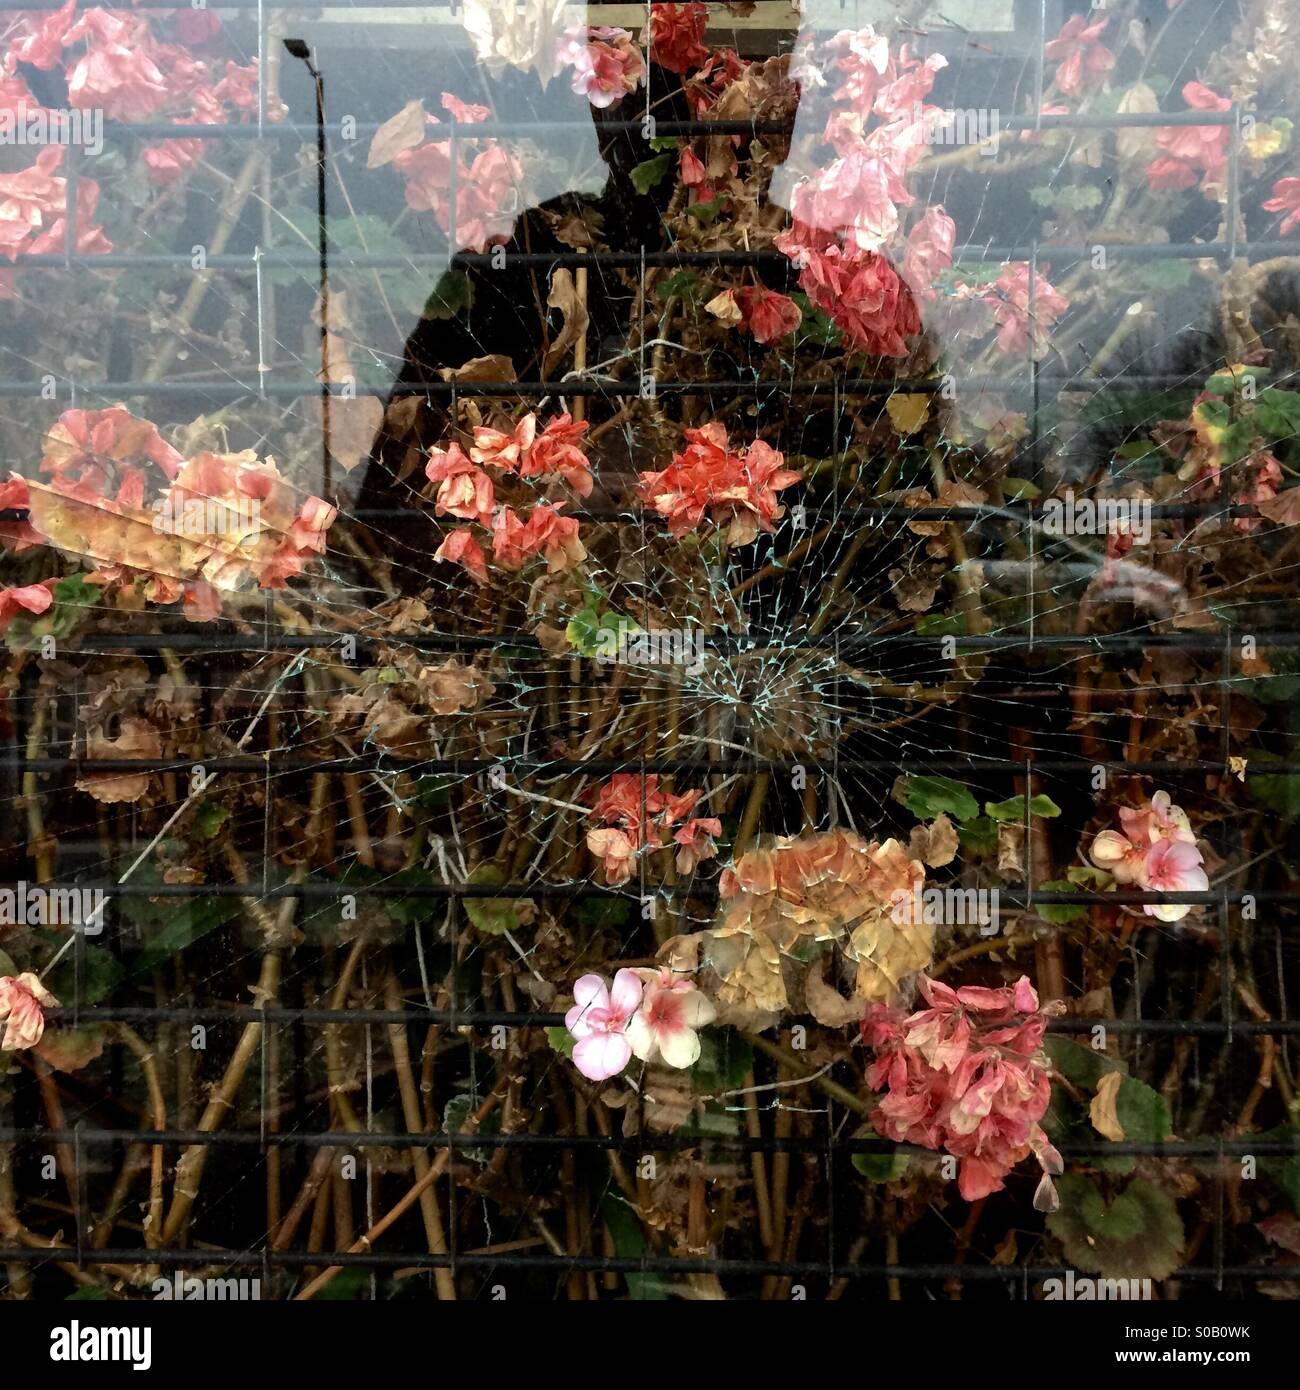 Una figura è riflessa nel vetro rotto di una chiusura-down fioraio a Birmingham, Inghilterra, Regno Unito. Immagini Stock